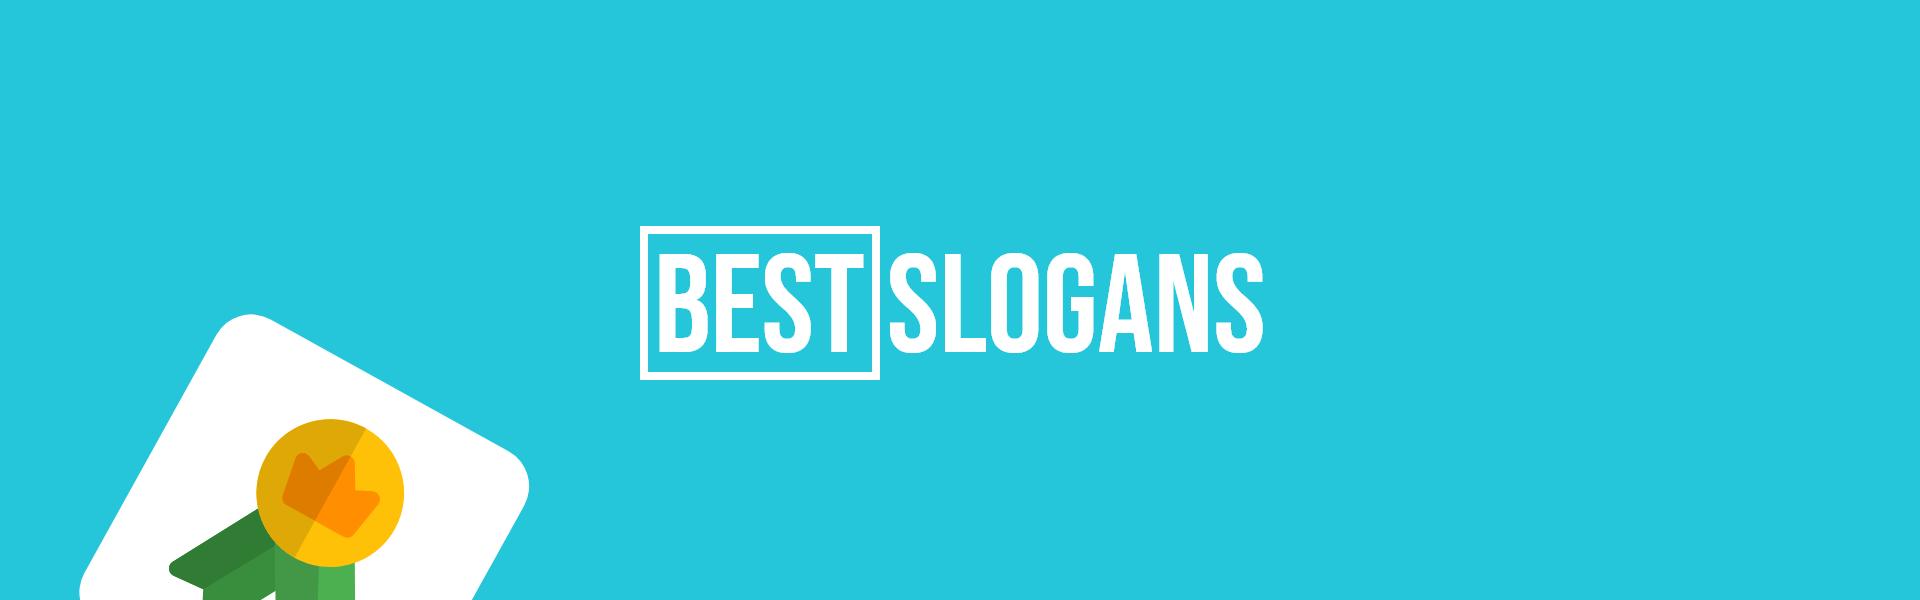 best-slogans-taglines